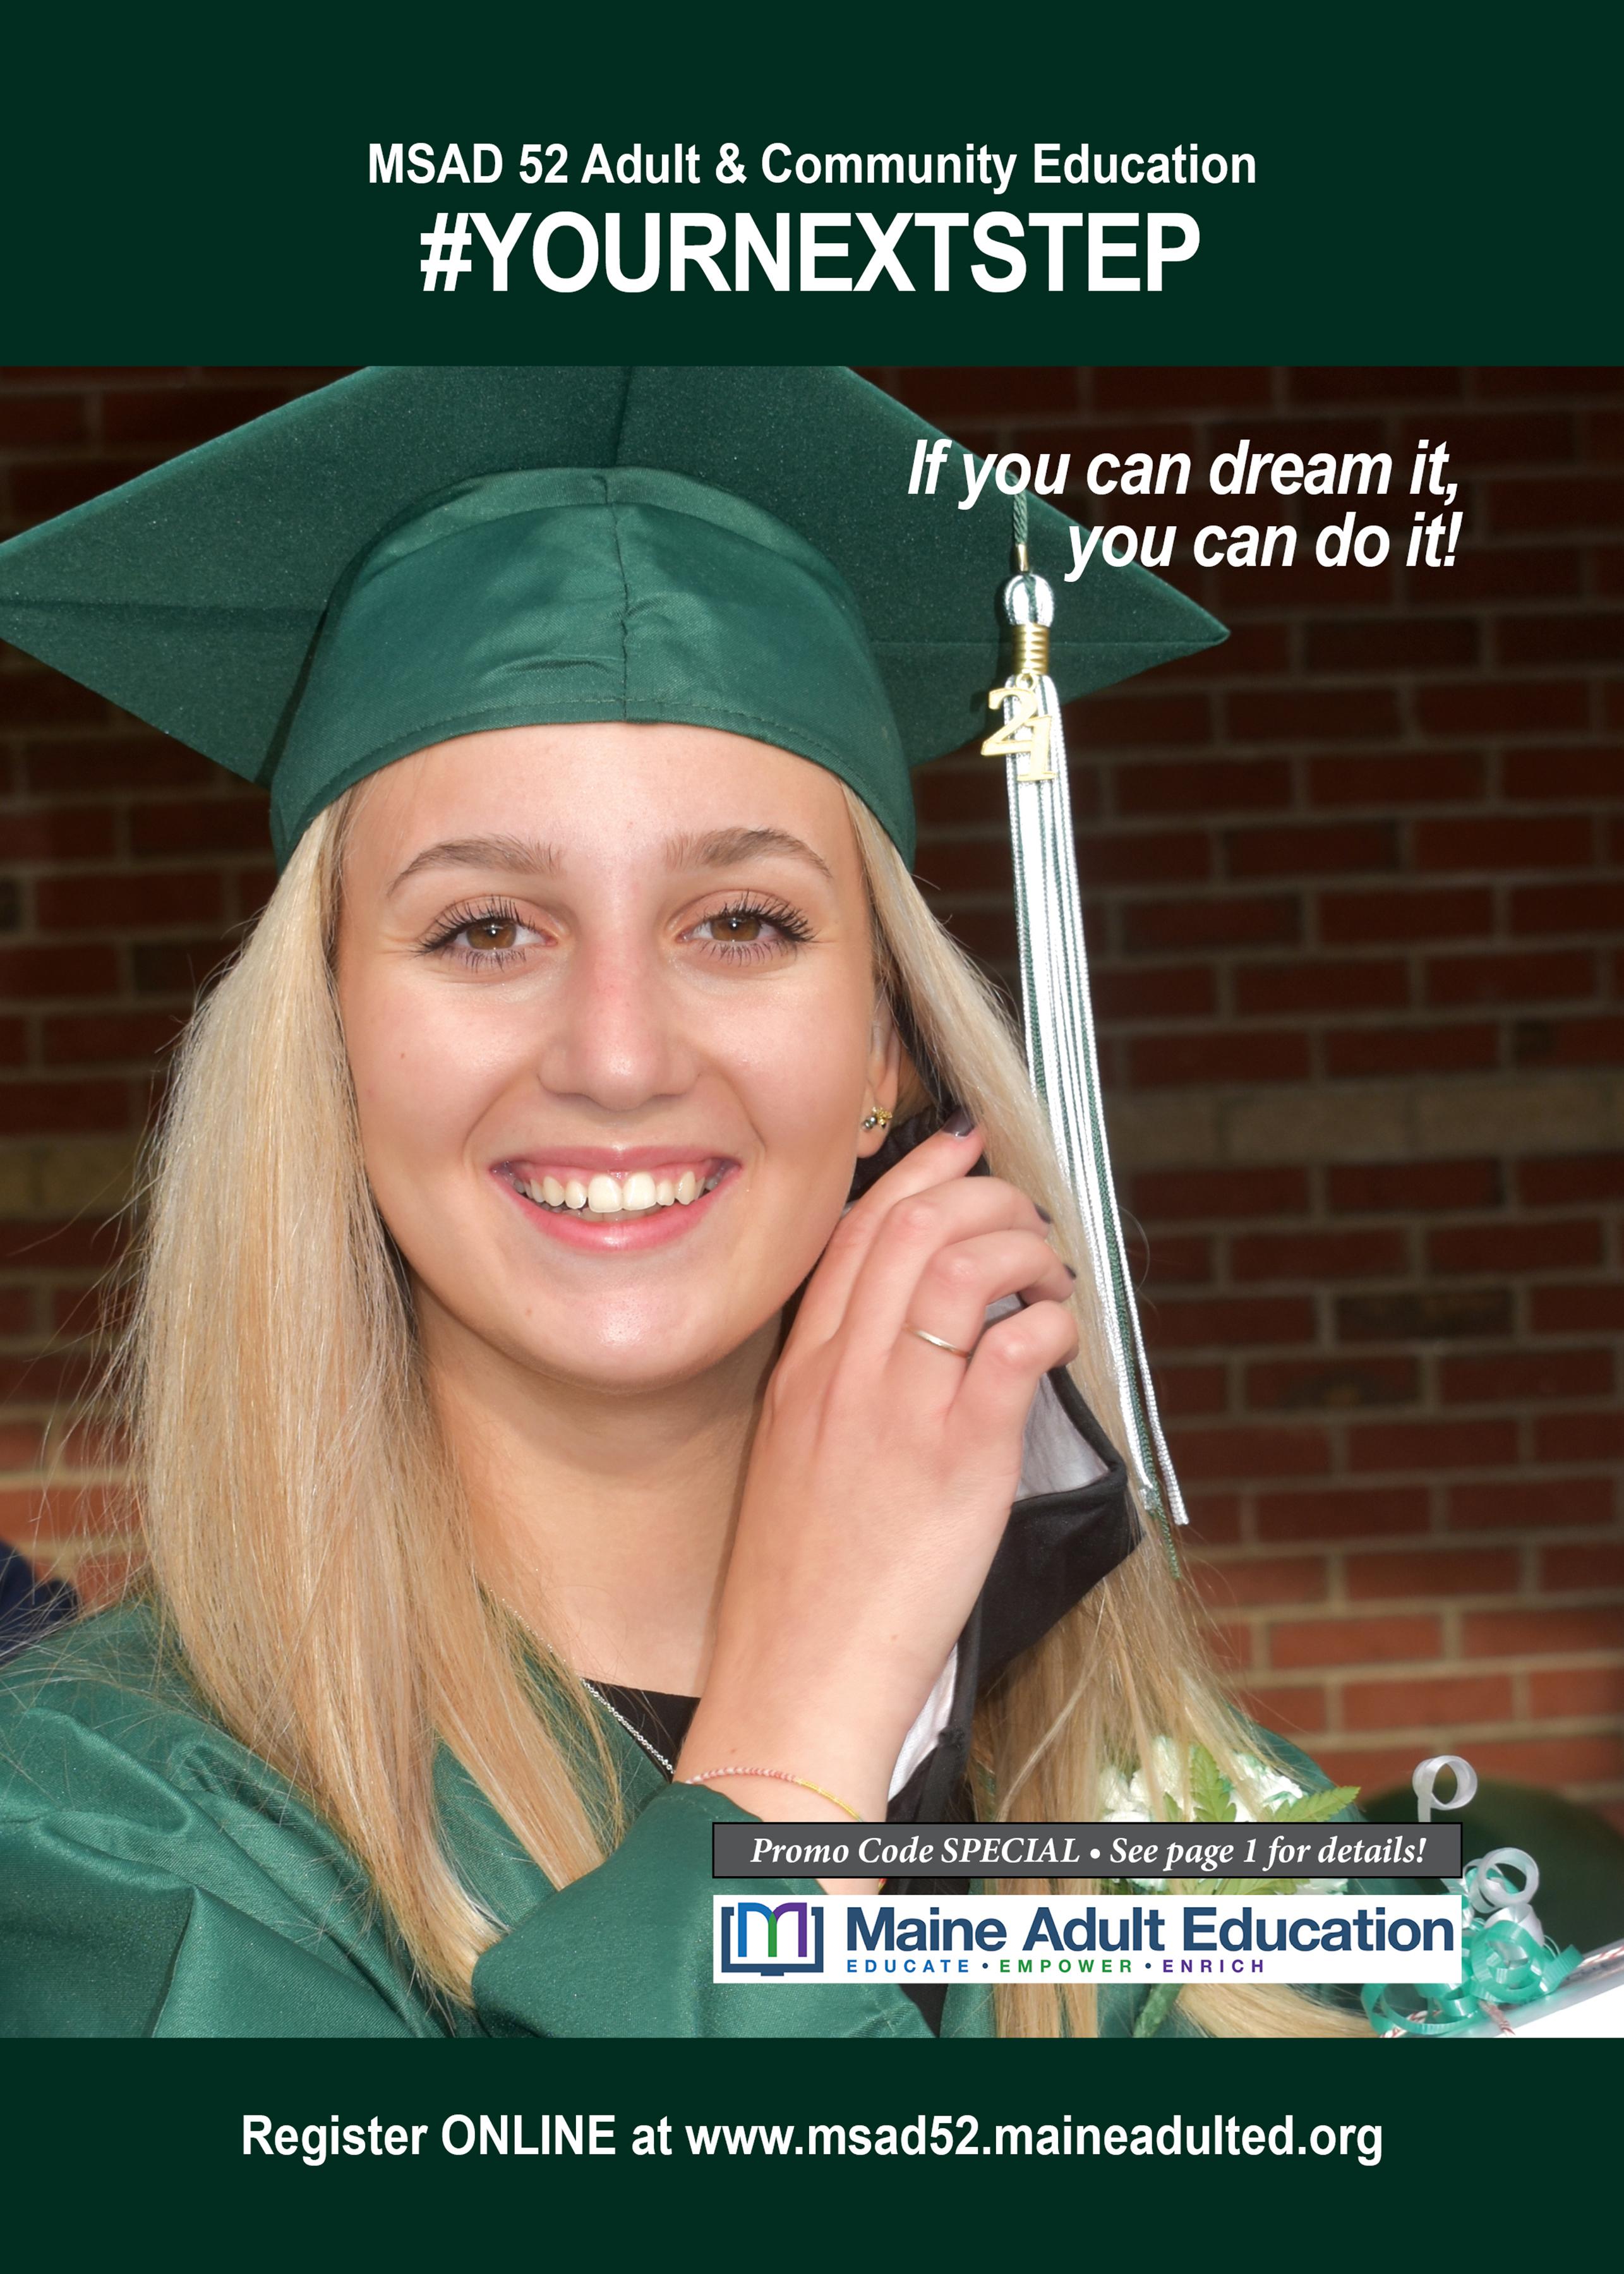 MSAD52 Adult & Community Education image #2649